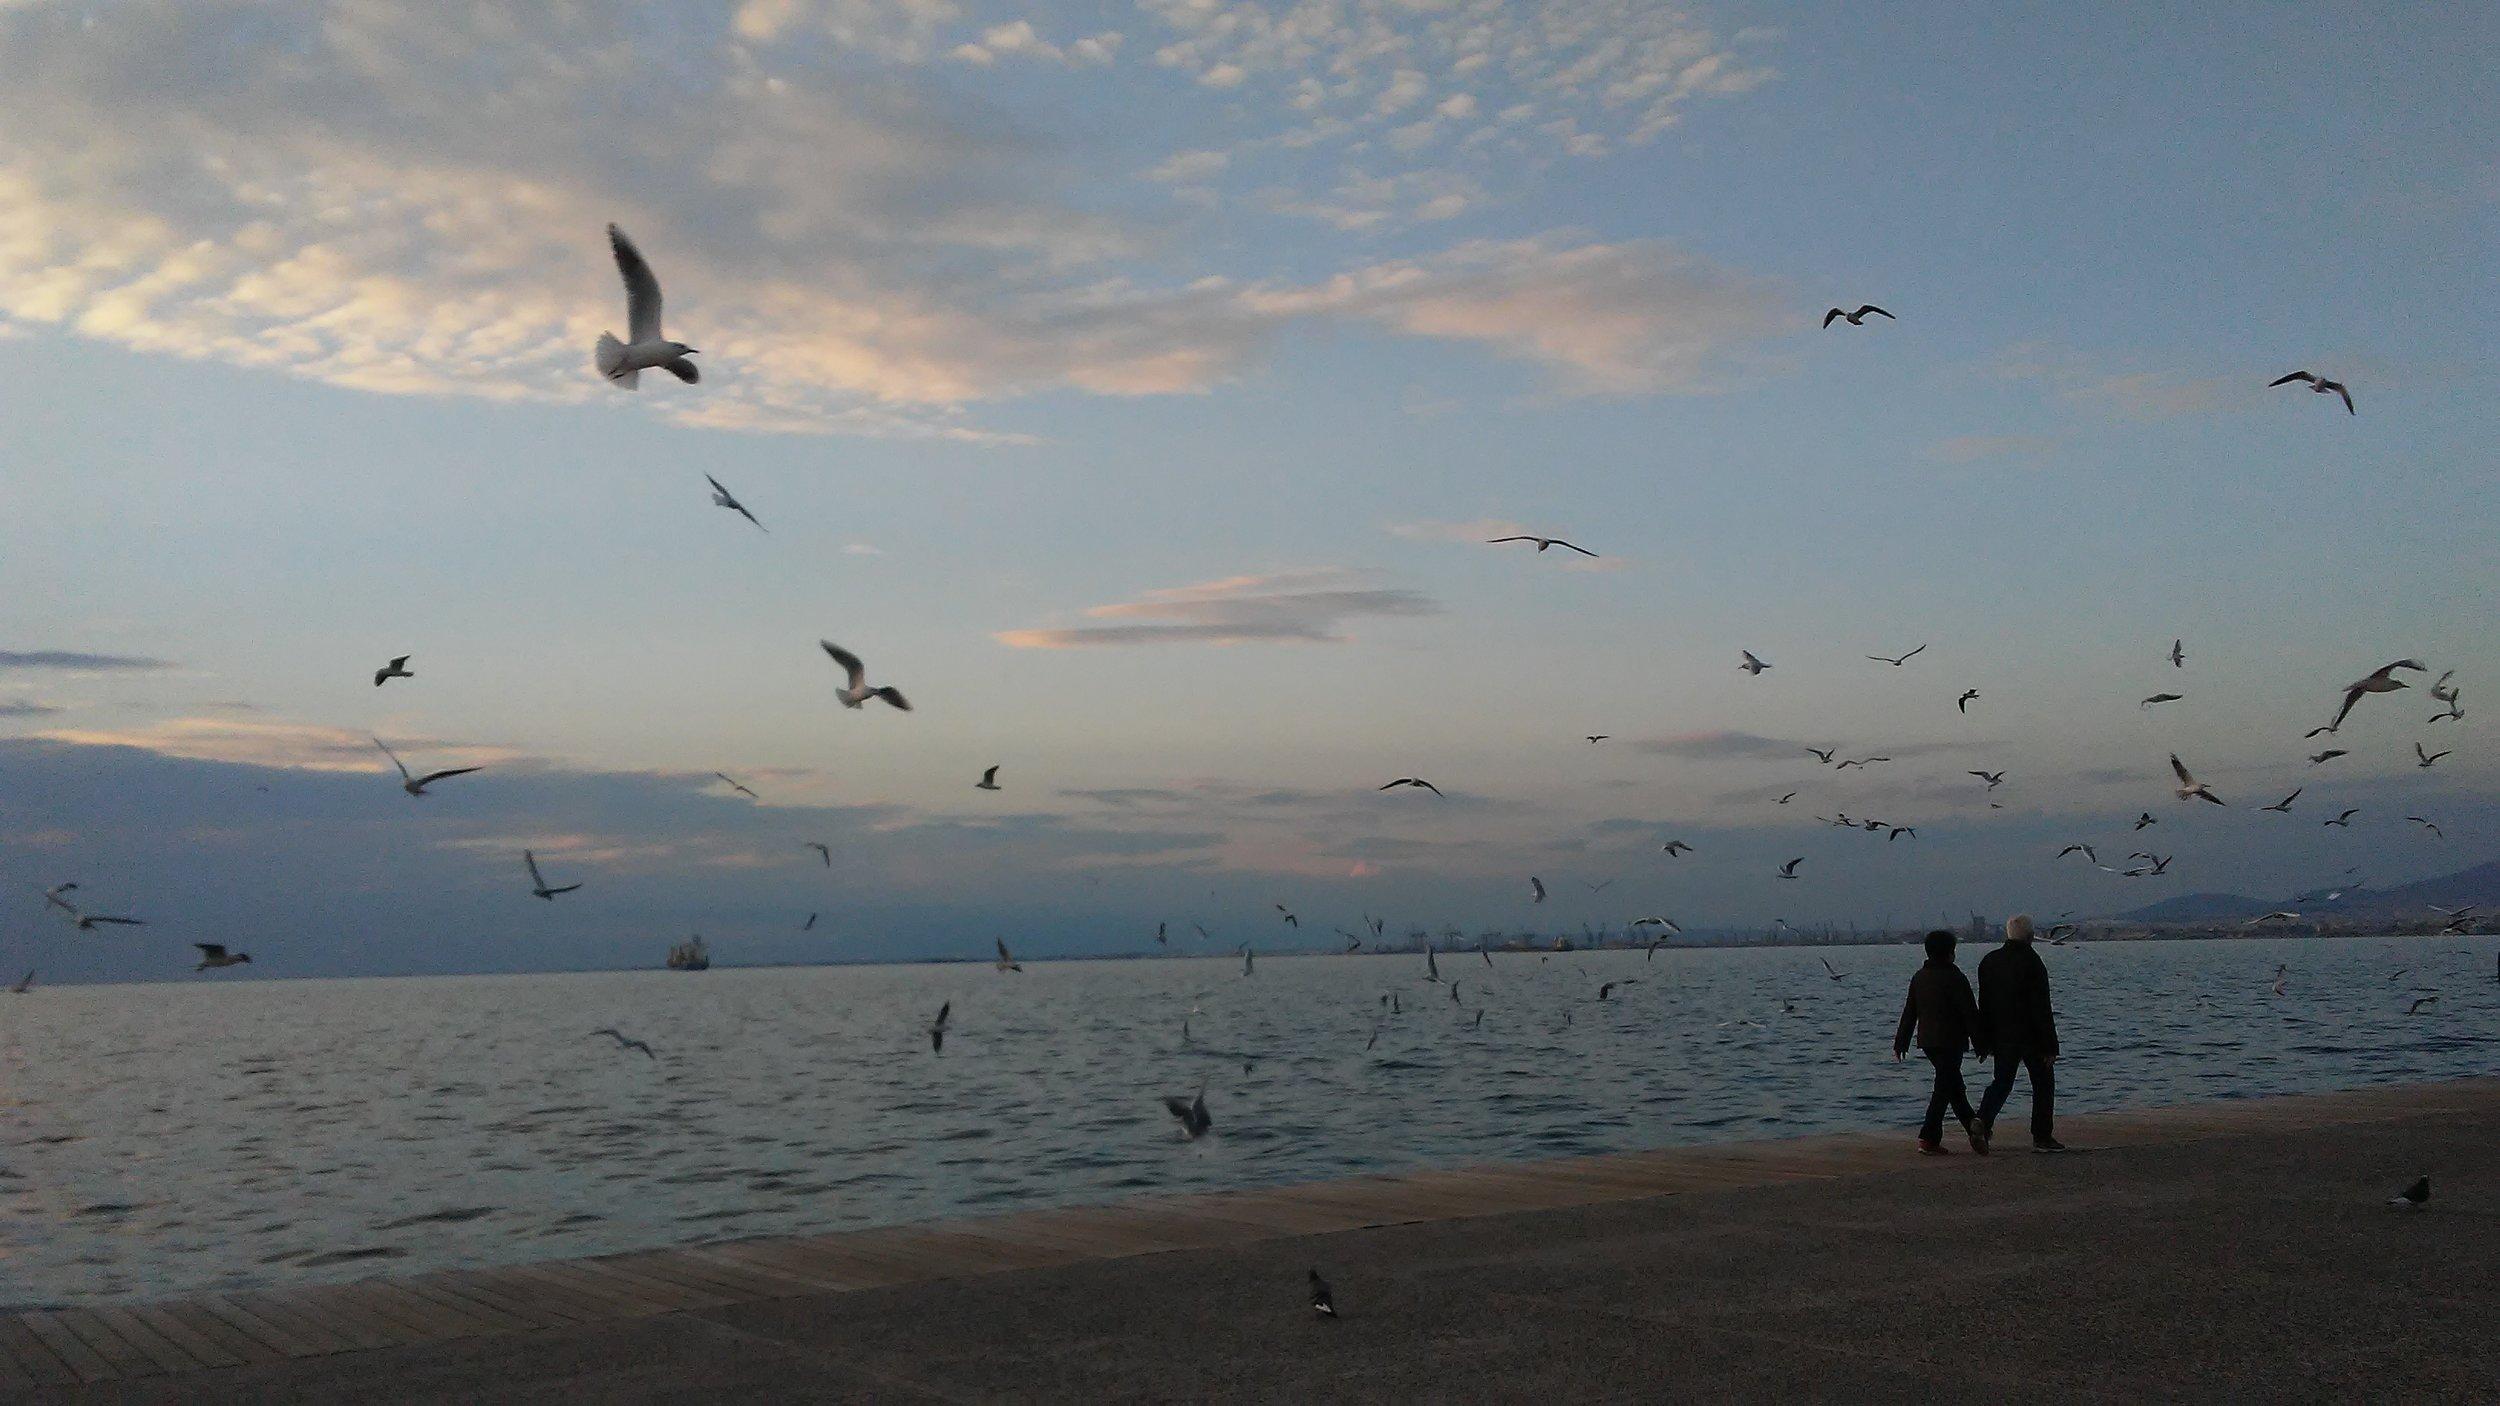 Thessaloniki, 2017, Dimitra Fragkou